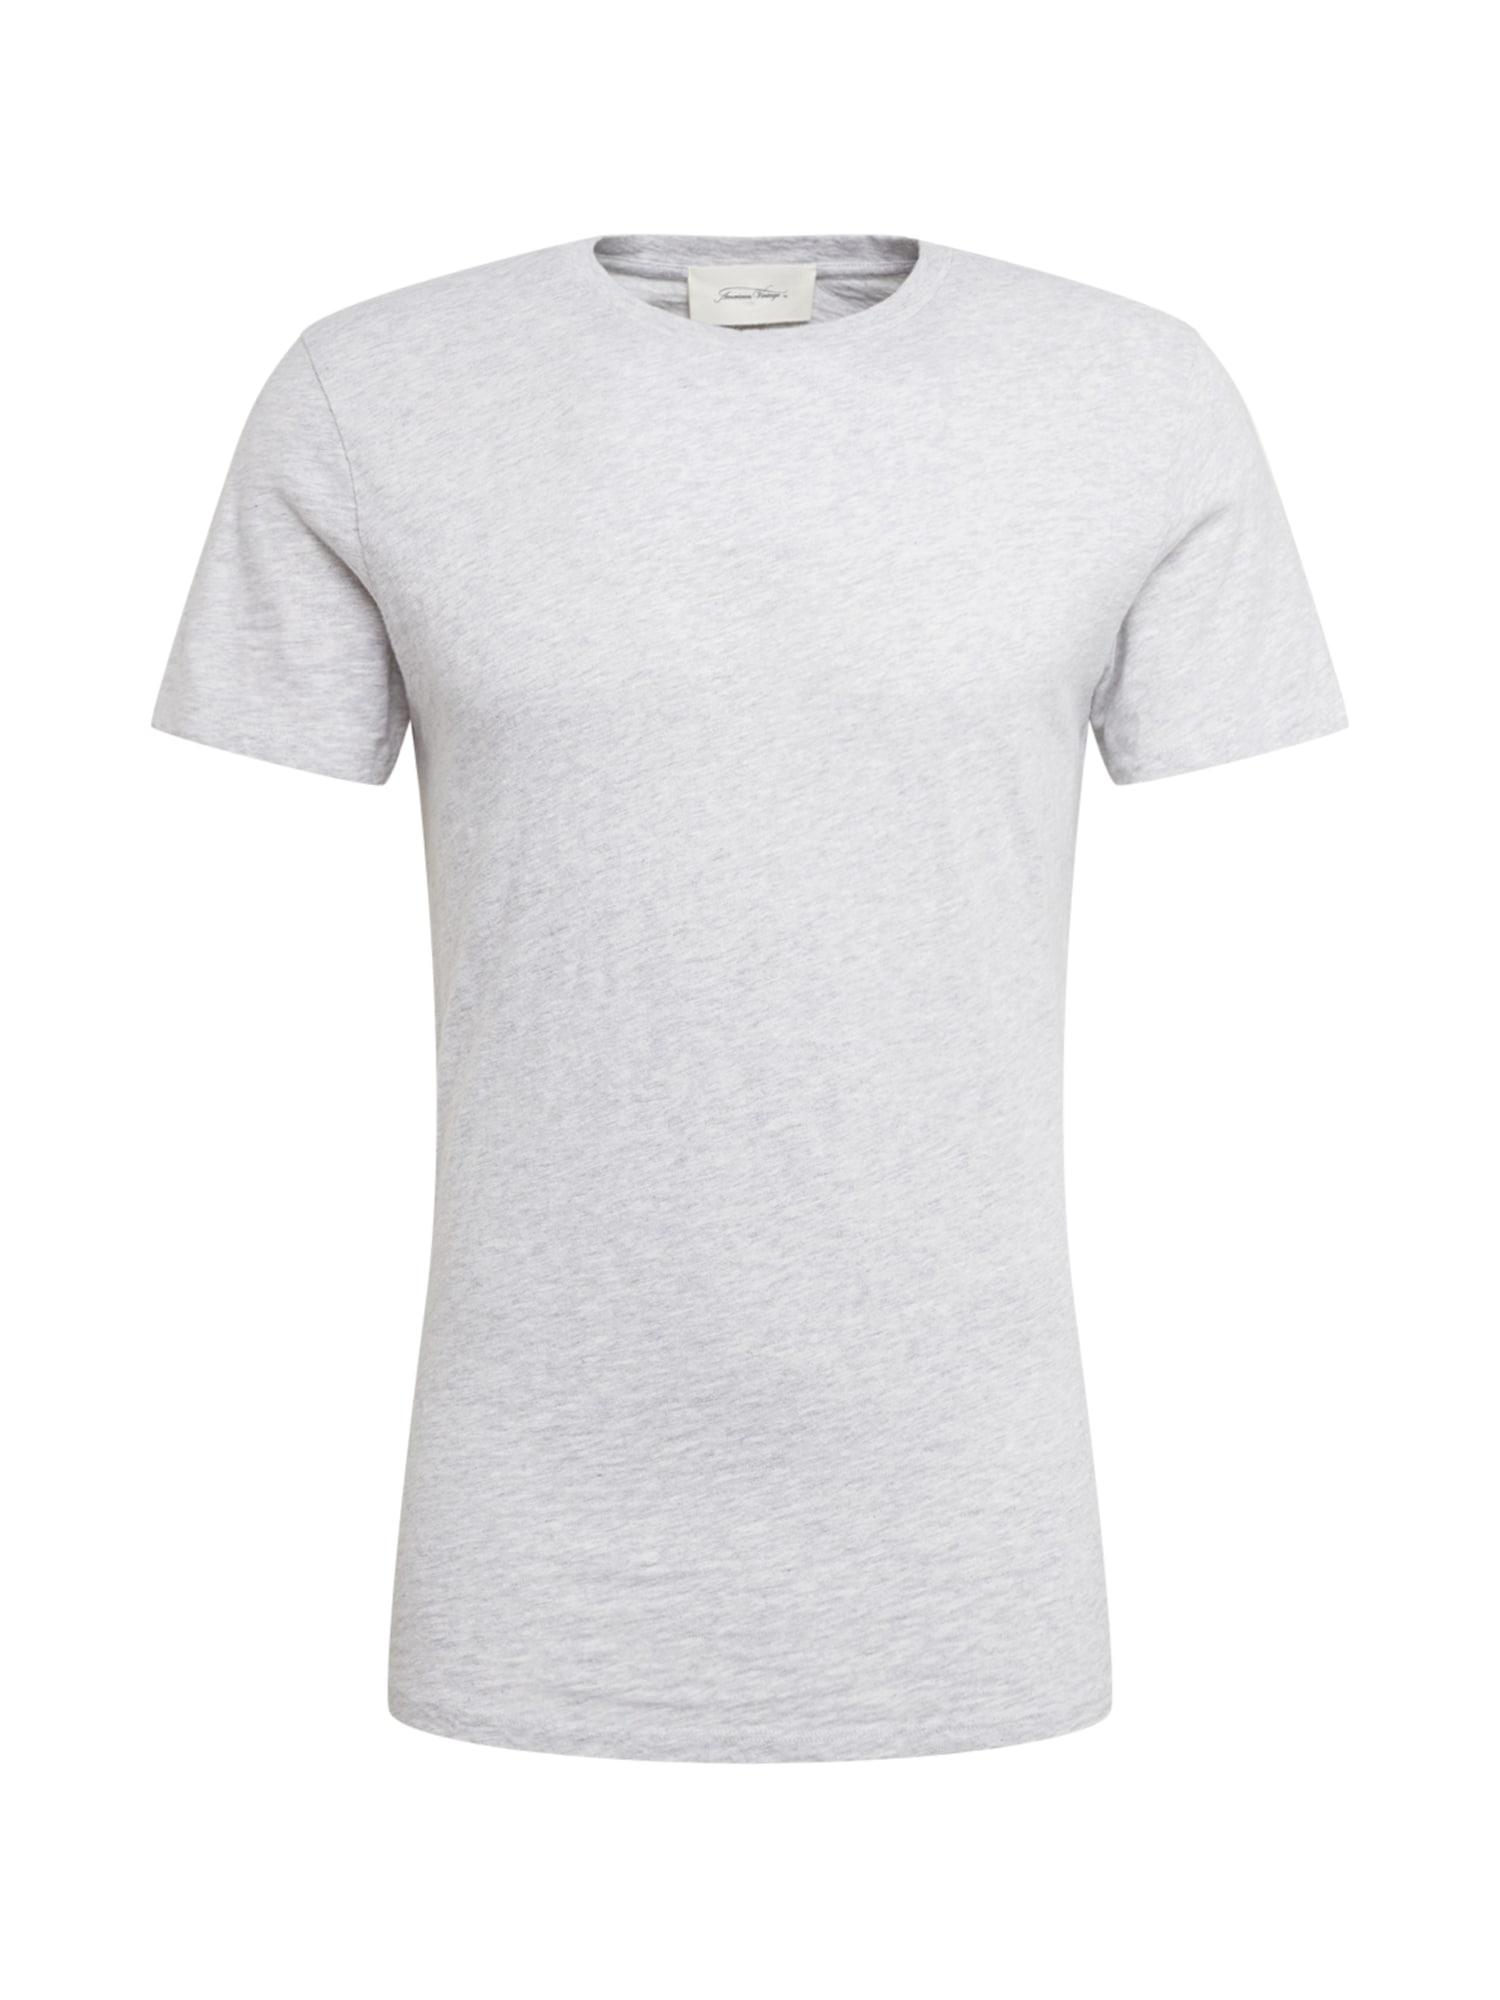 AMERICAN VINTAGE Marškinėliai 'BYSAPICK' margai pilka